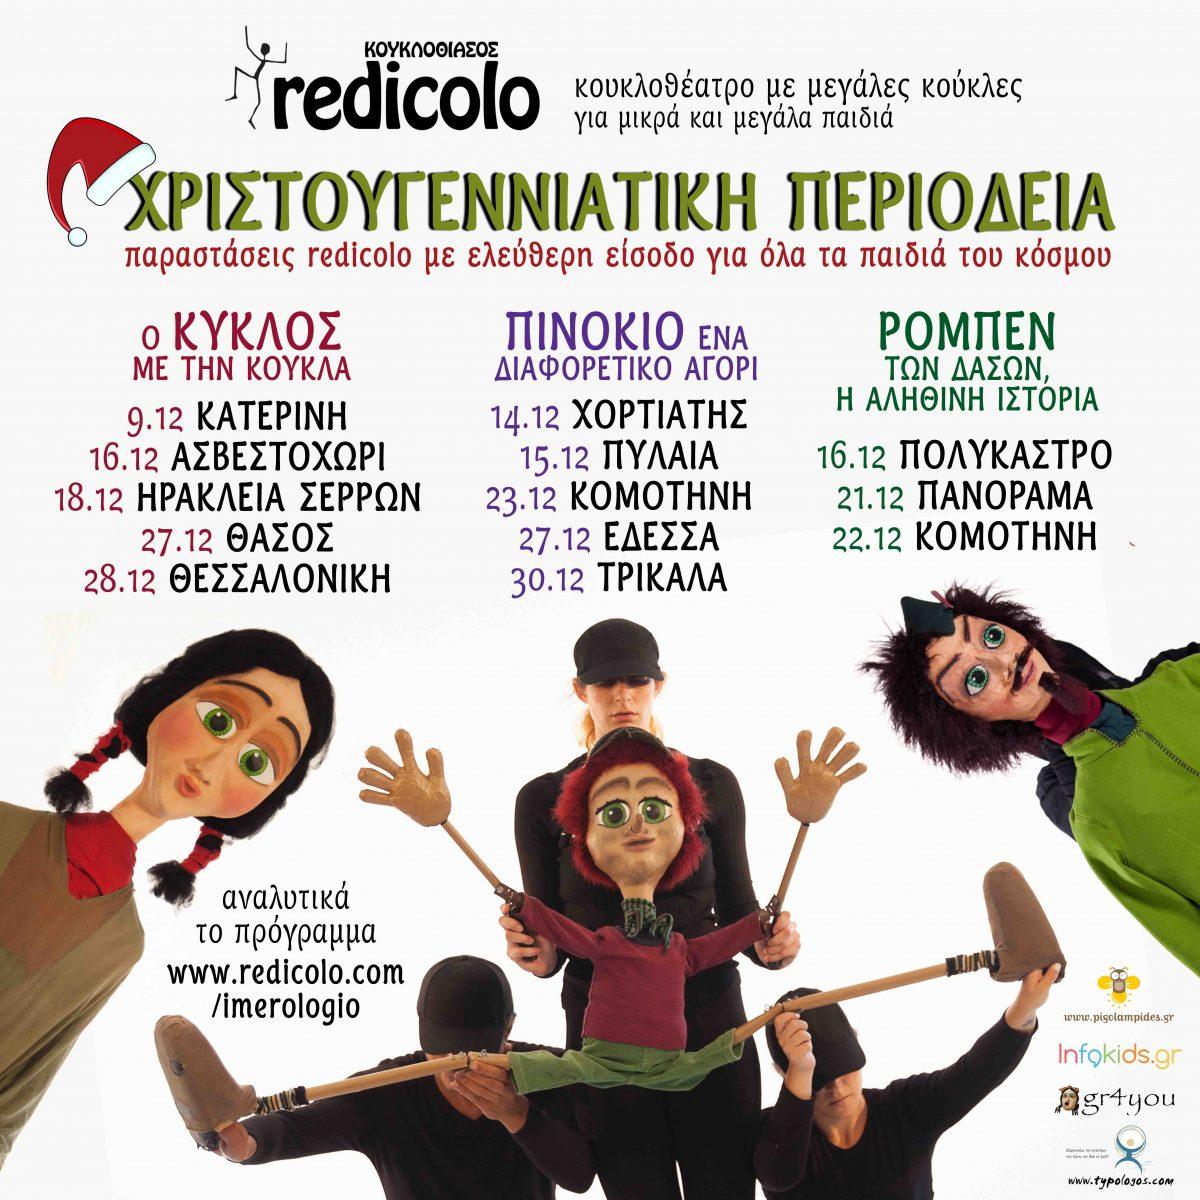 ΧΡΙΣΤΟΥΓΕΝΝΙΑΤΙΚΗ ΠΕΡΙΟΔΕΙΑ REDICOLO 2018 παραστάσεις κουκλοθεάτρου με ελεύθερη είσοδο στη Θεσσαλονίκη και τη Βόρειο Ελλάδα